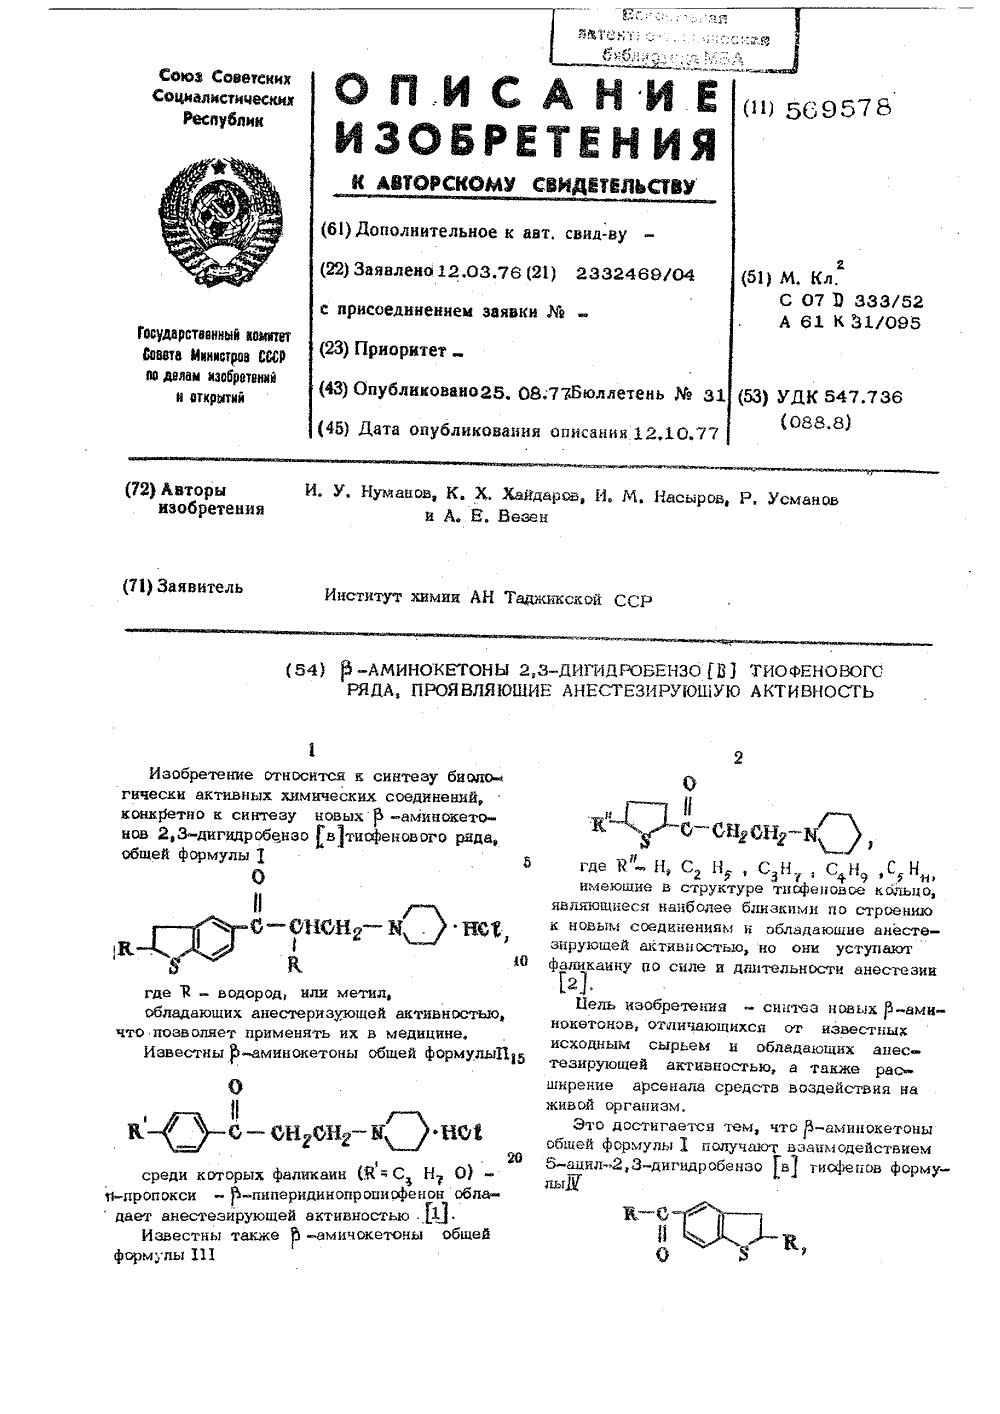 Пизотифен